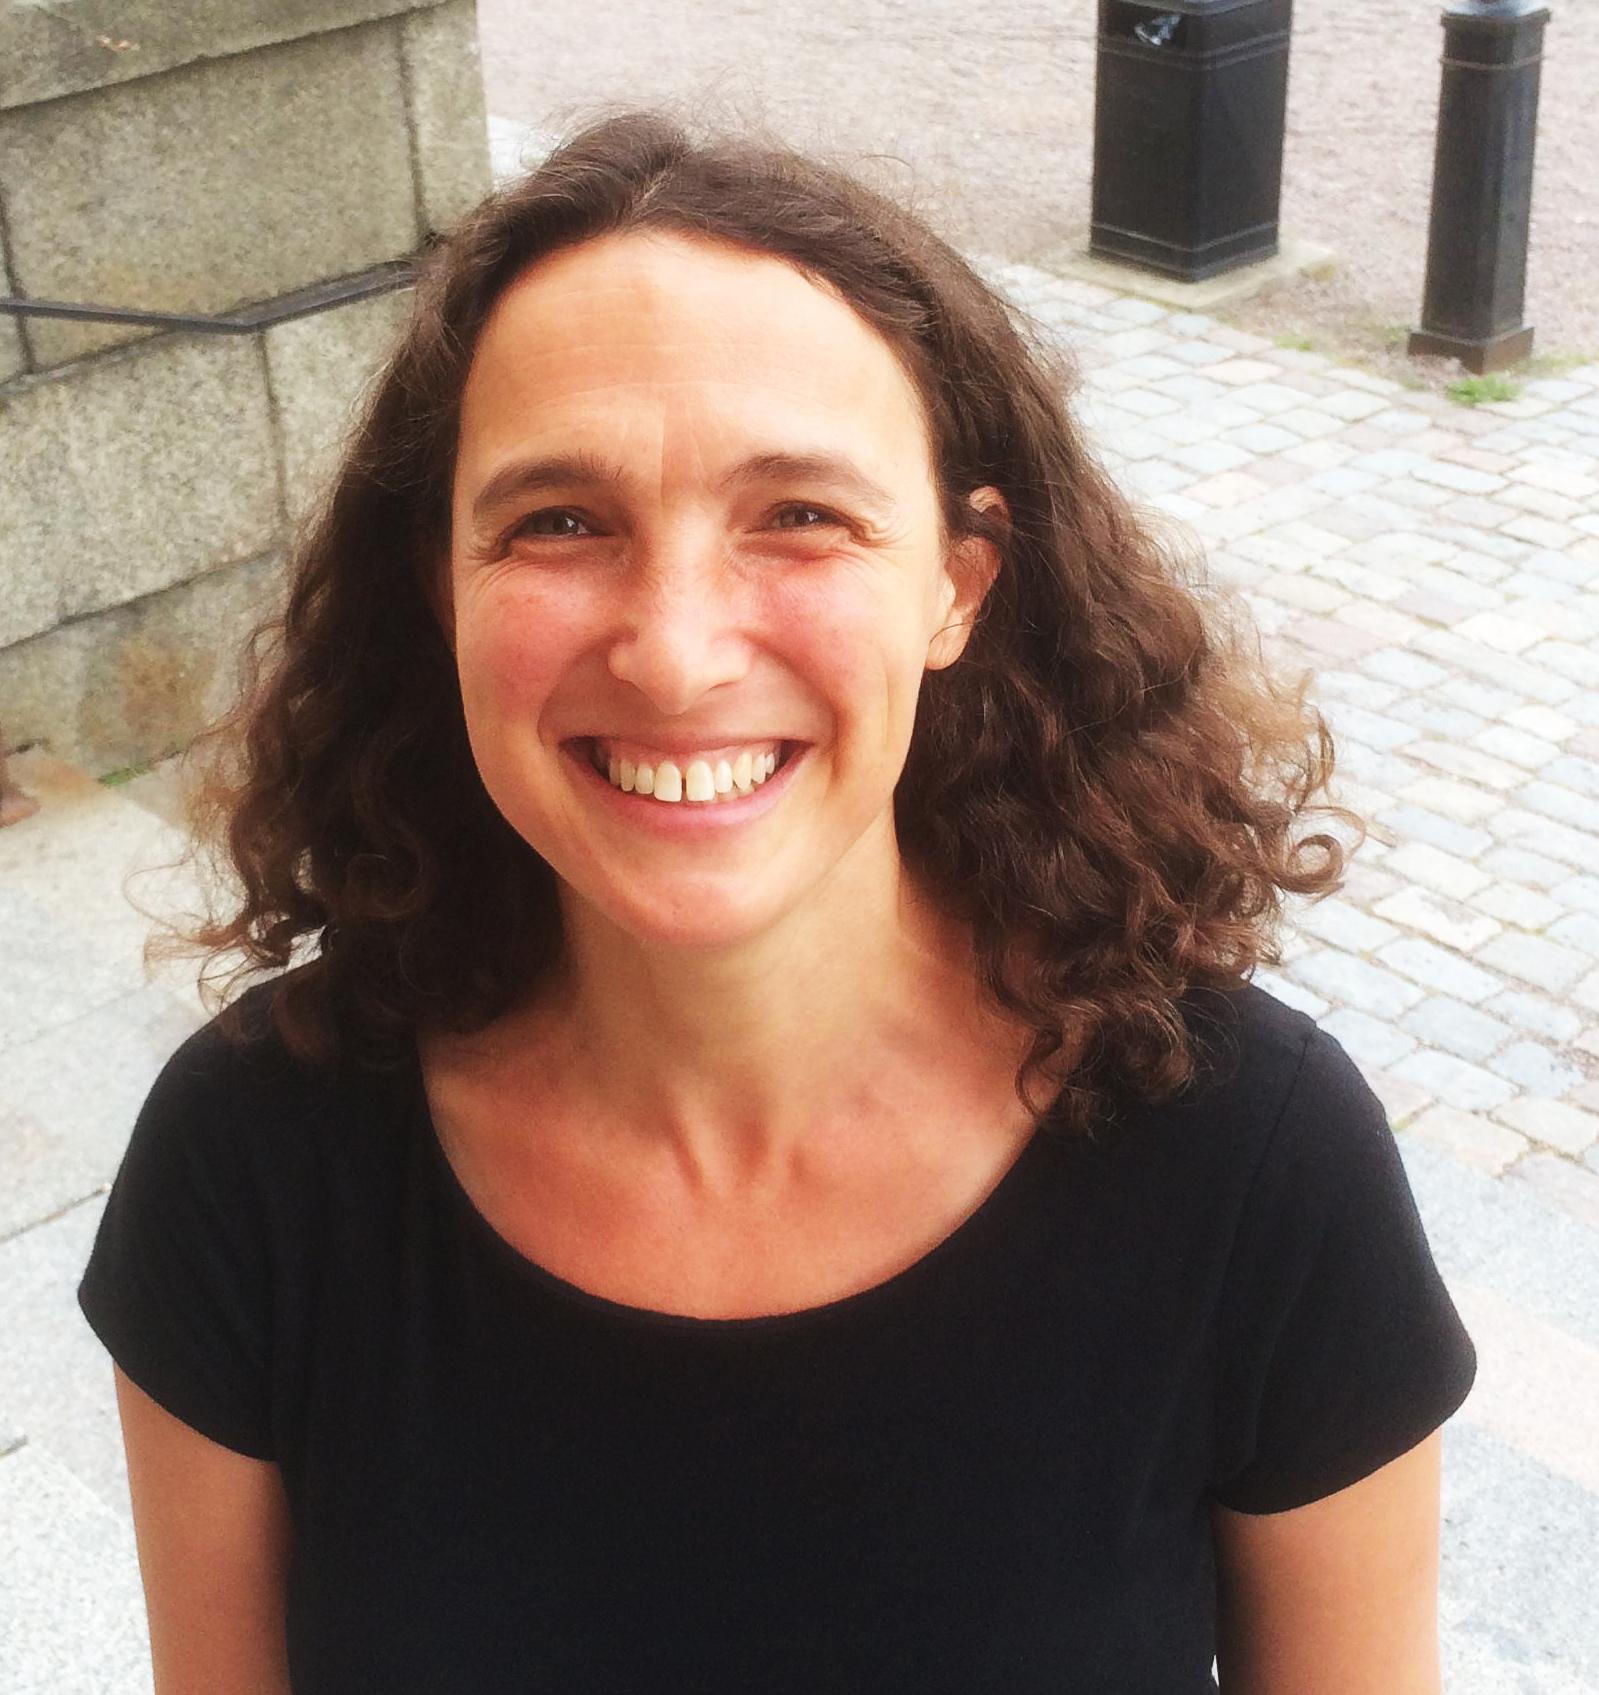 Arap Edebiyatı ve Karşılaştırmalı Edebiyat Doçenti Margaret Litvin